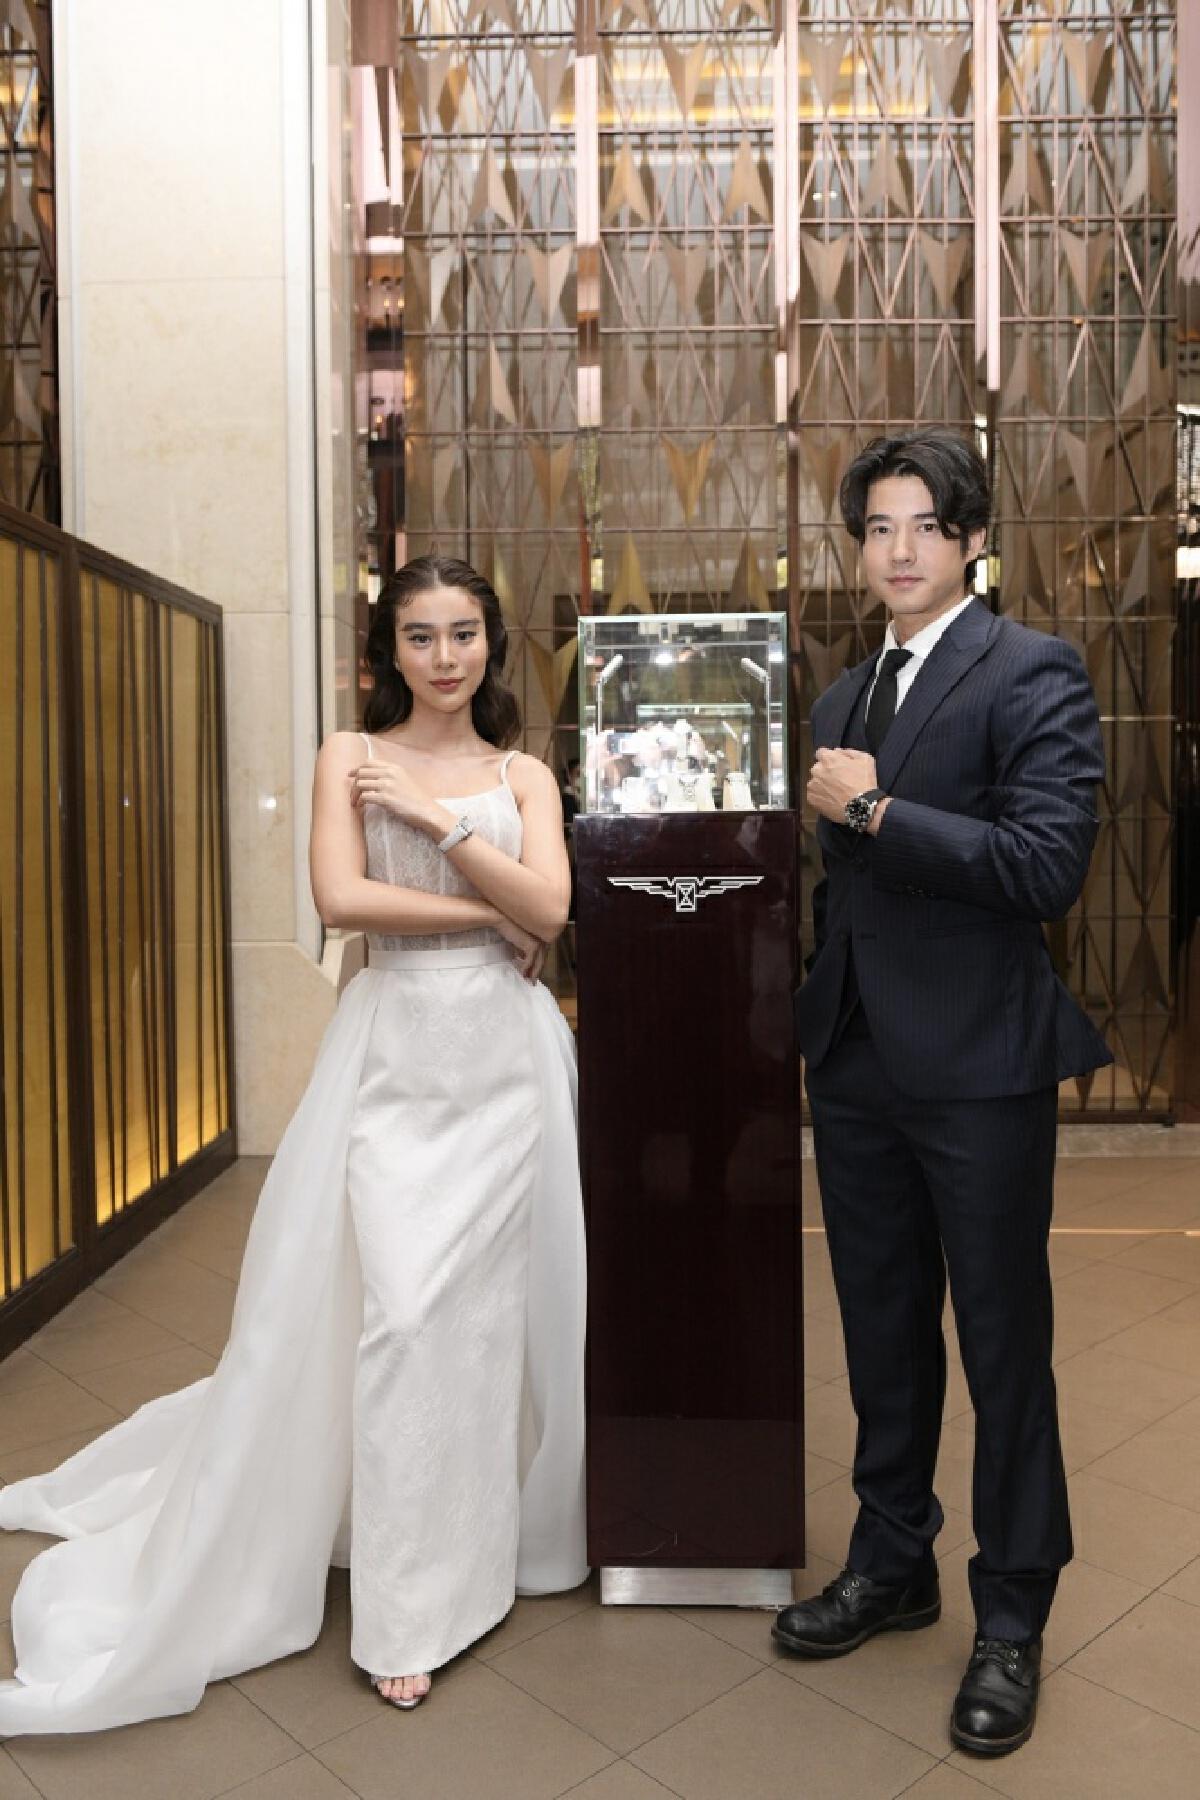 """ลองจินส์ เปิดตัว """"เก้า - สุภัสสรา"""" Friend of Longines ผู้หญิงคนแรกของประเทศไทย"""